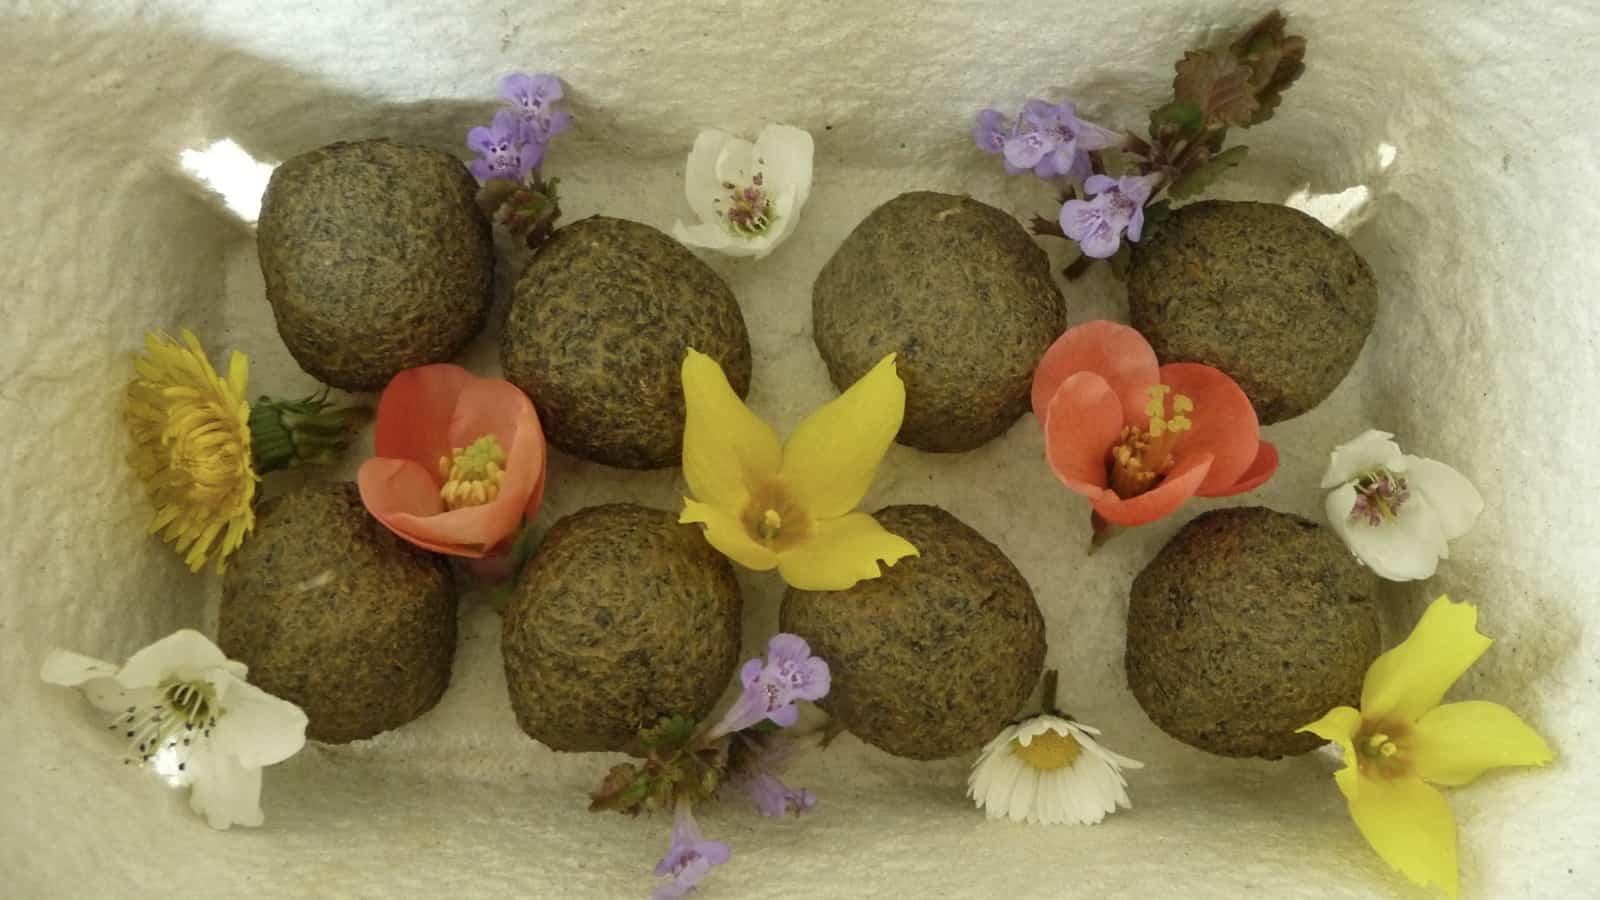 Zum Trocknen werden die Knödel auf Karton, zum Beispiel in einen Eierkarton, gelegt